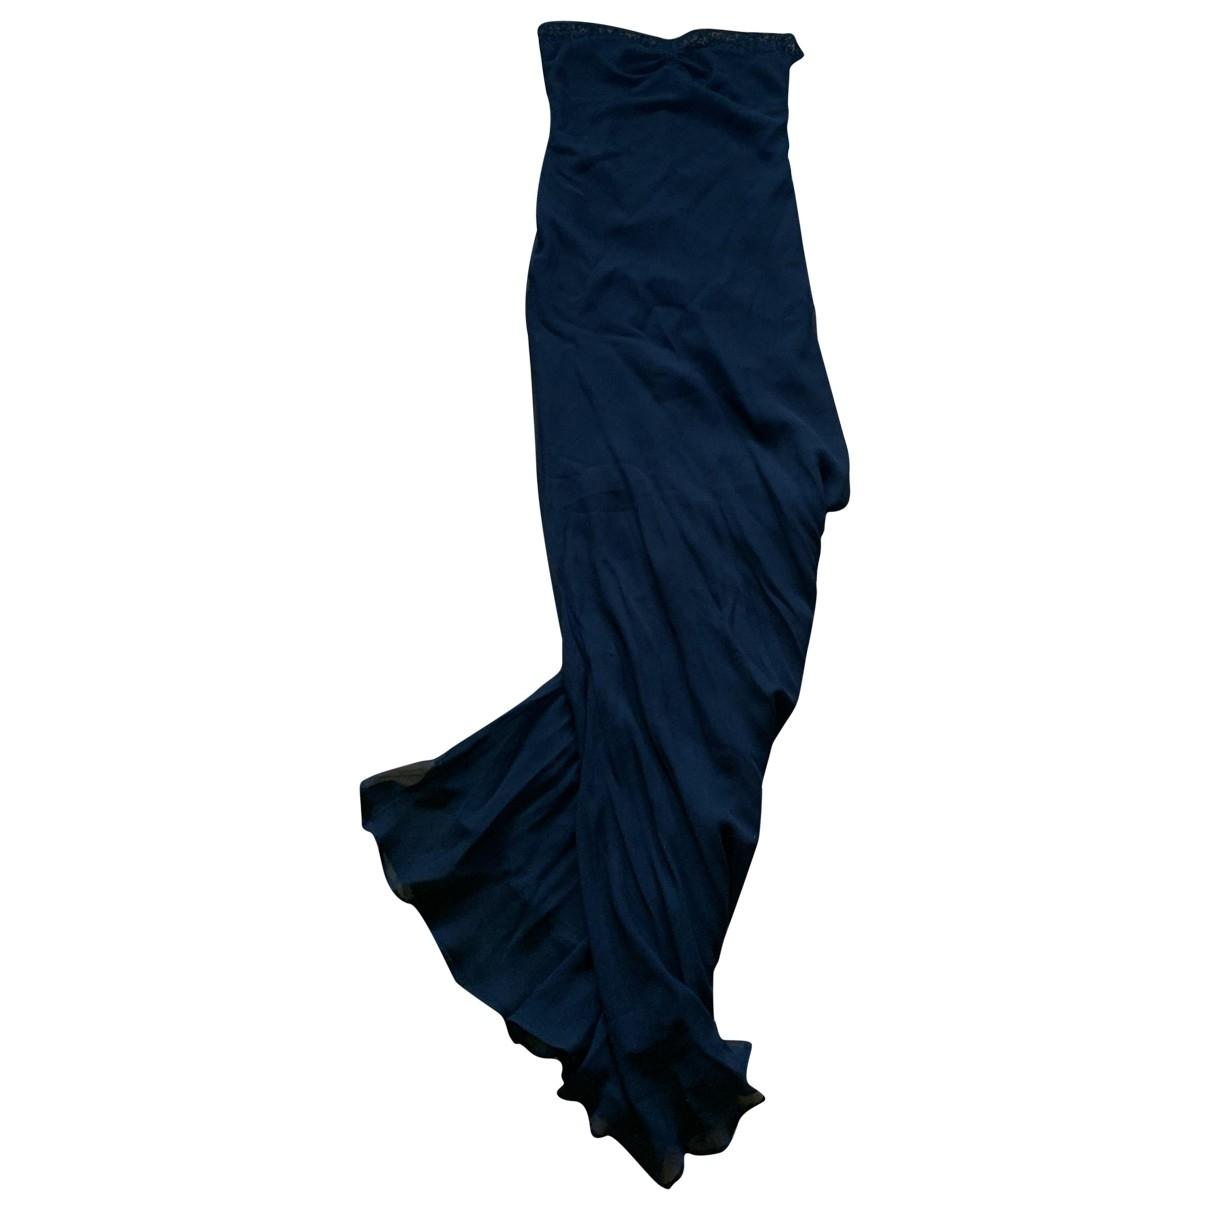 Liu.jo \N Black dress for Women 42 IT